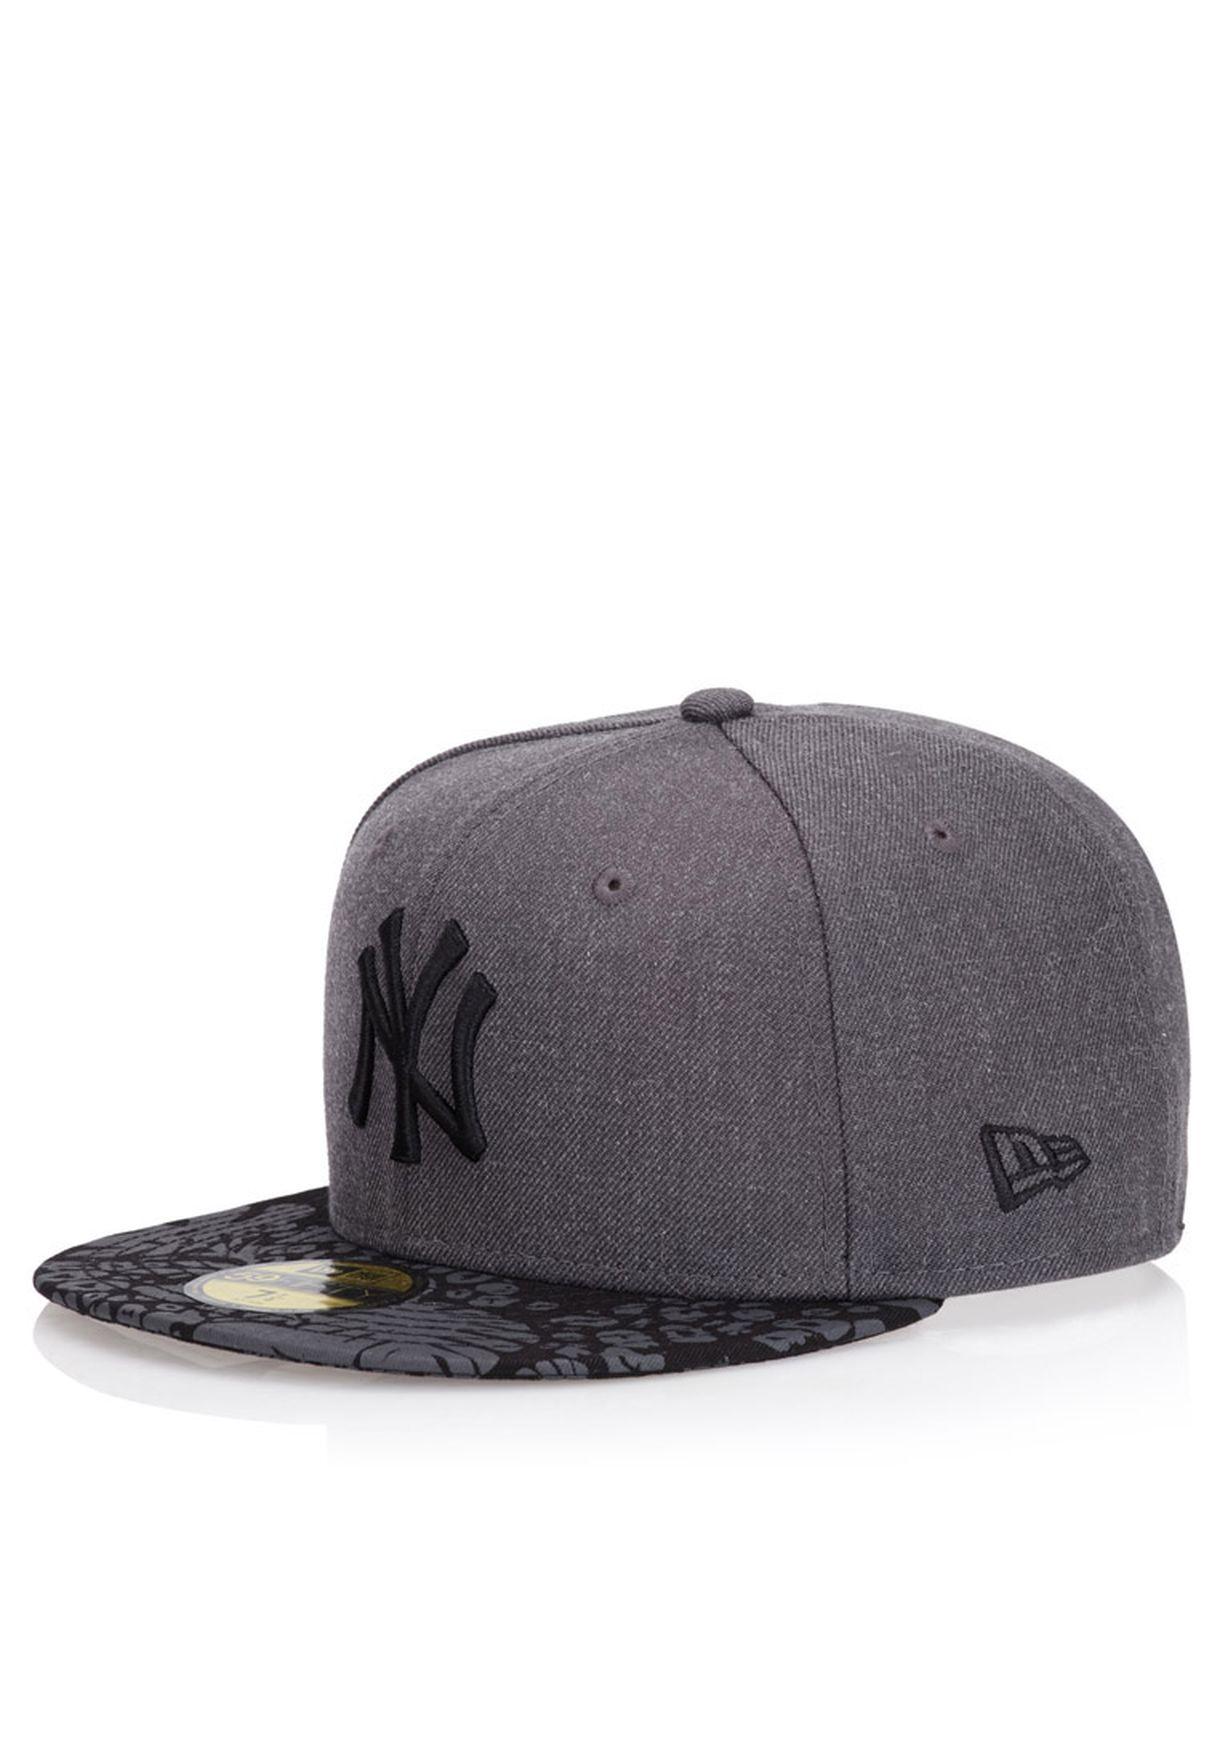 Shop New Era grey 59Fifty Visor Tropic Cap for Men in Kuwait - NE207AC35KUE 4c35220250